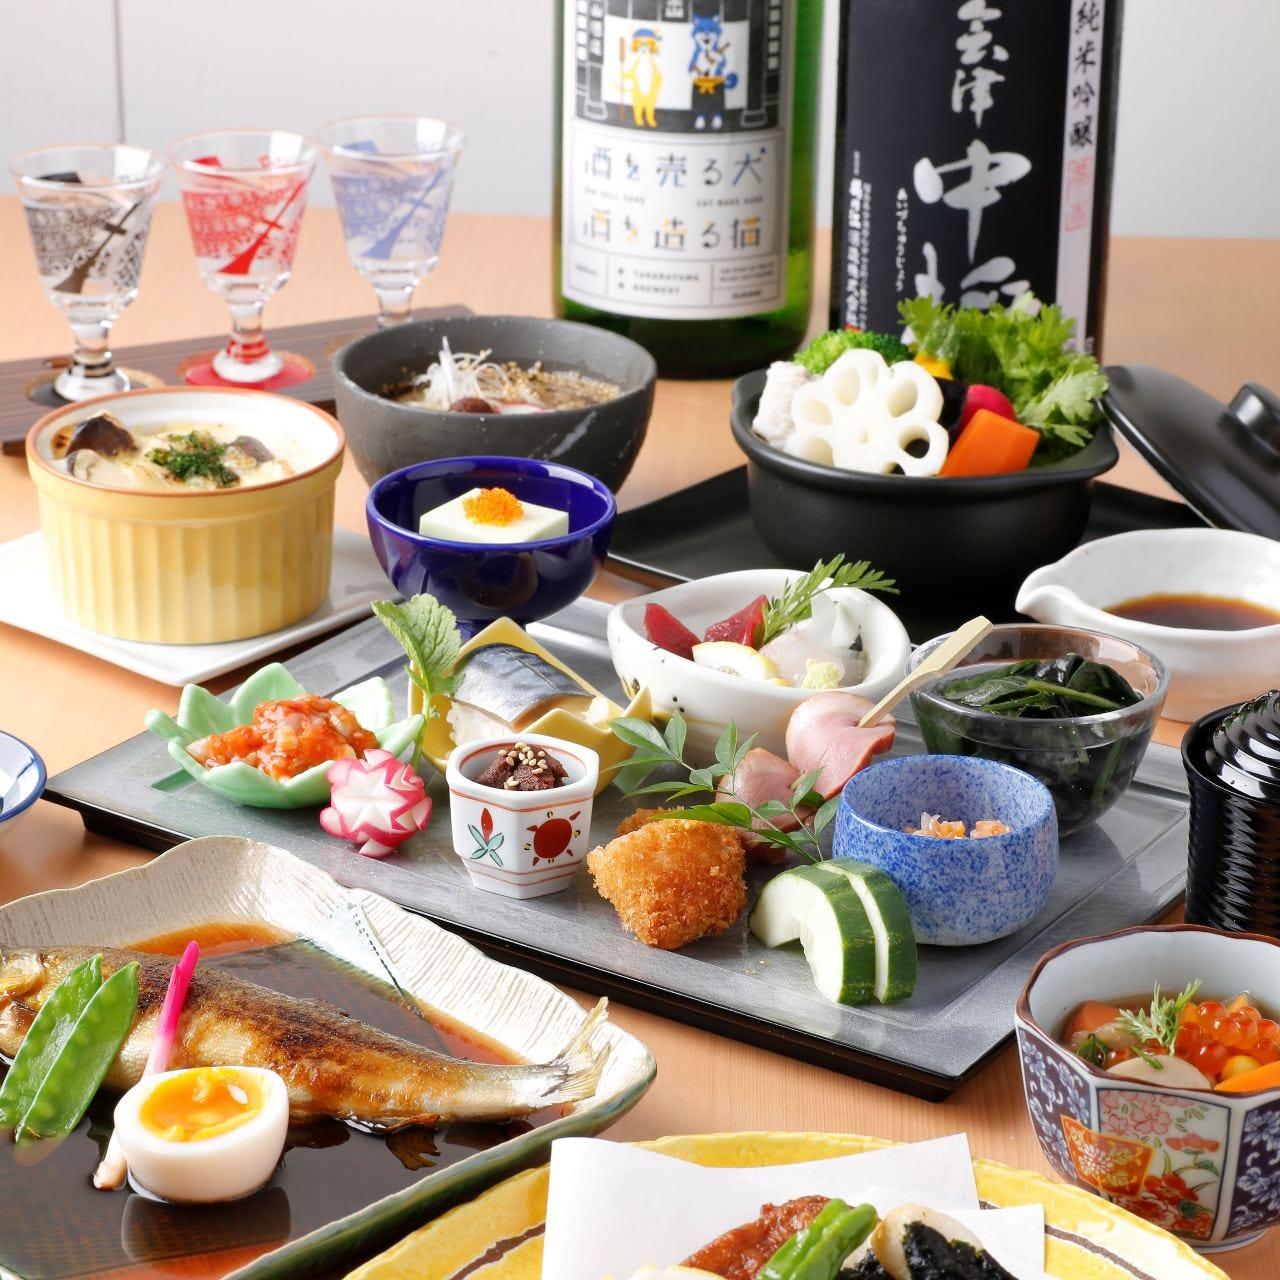 和食日和 おさけと 大門浜松町